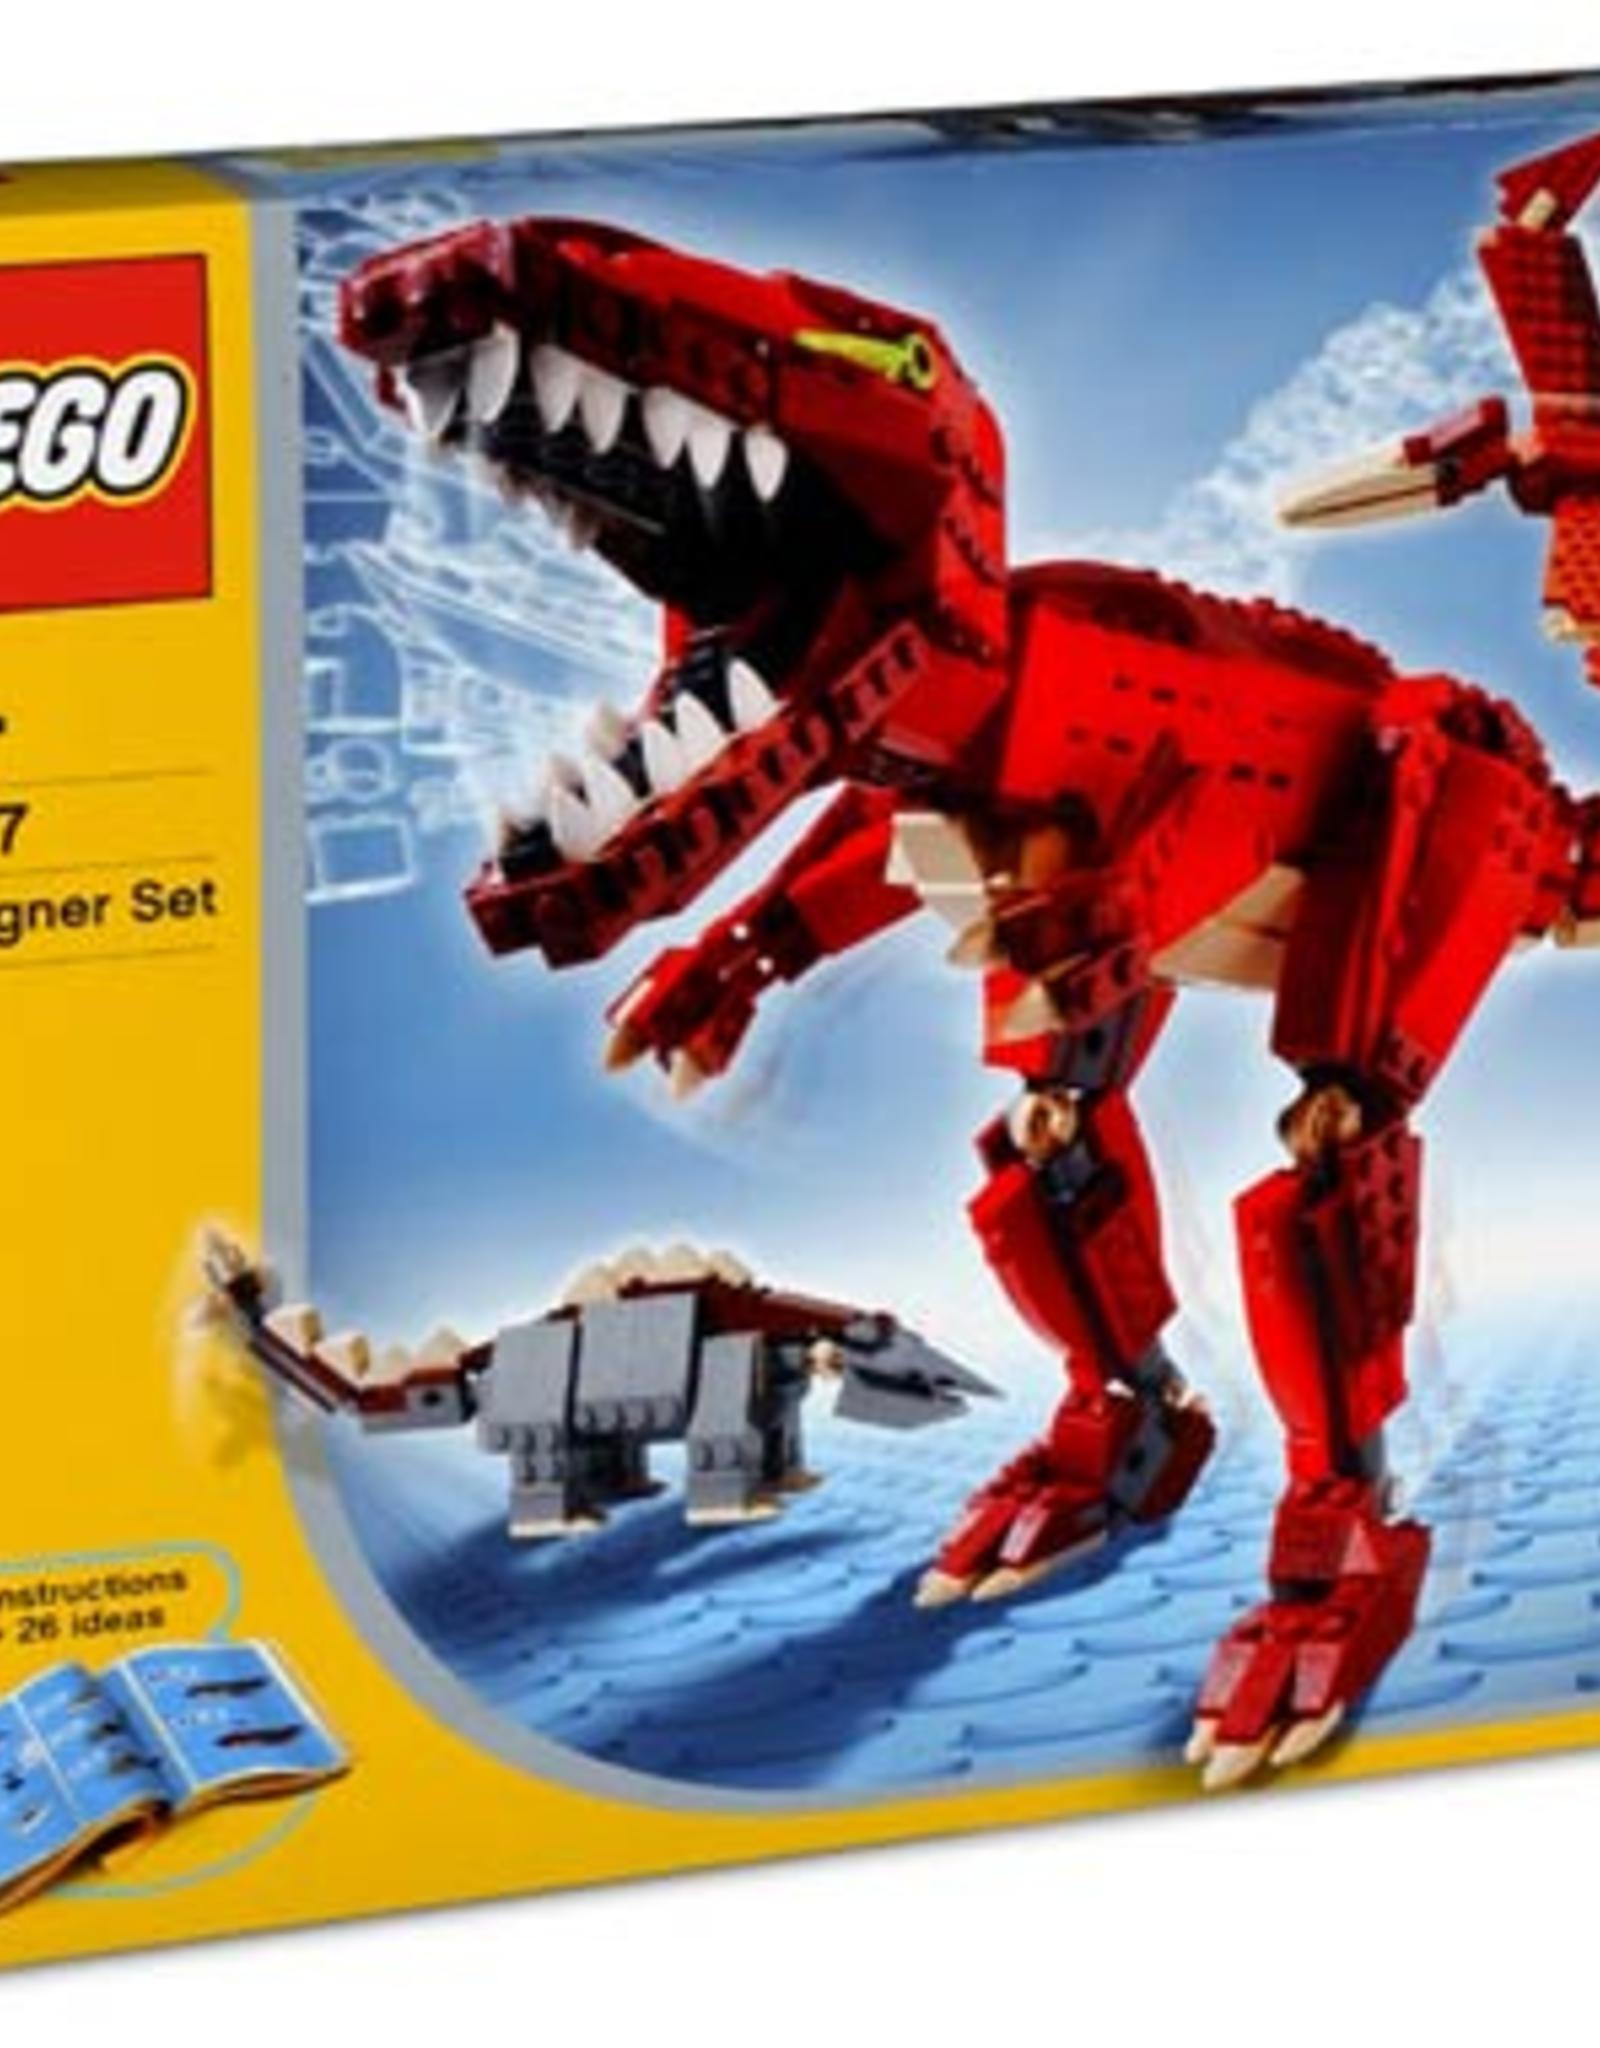 LEGO LEGO 4507 Prehistoric Creatures DESIGNER SET